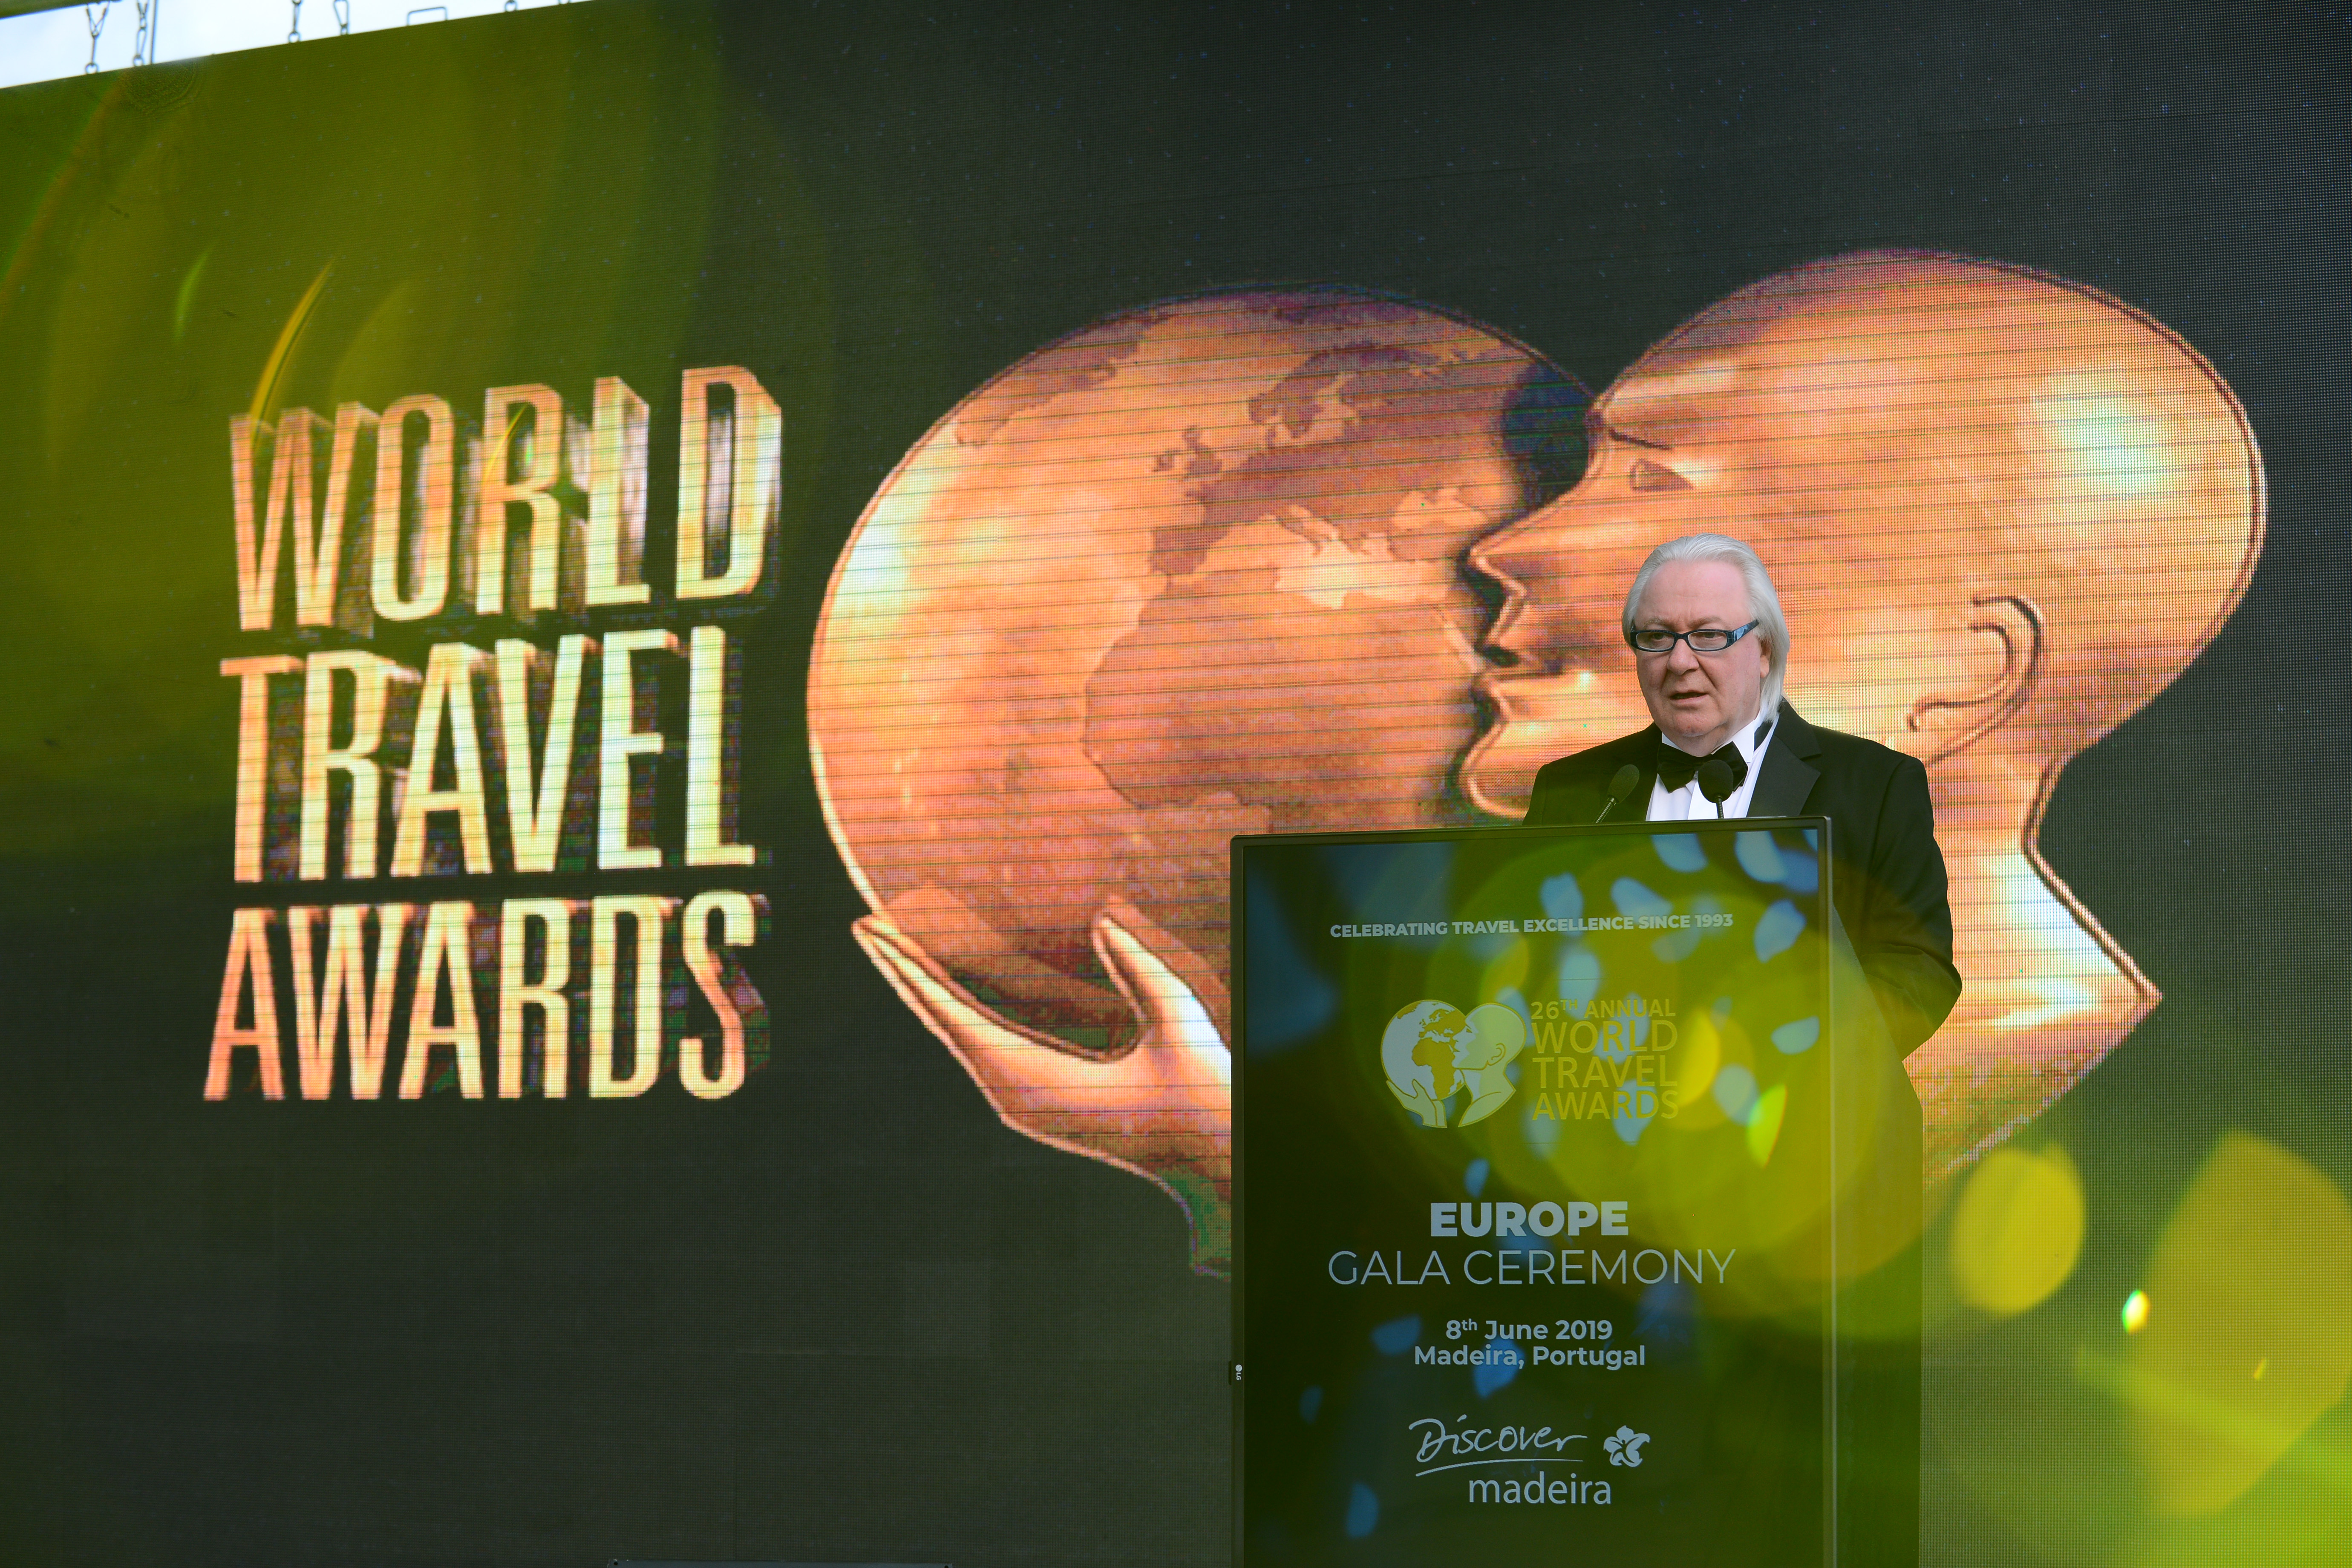 Den europæiske prisuddeling ved World Travel Awards 2019 blev afholdt på den portugisiske ø Madeira. Foto: World Travel Awards